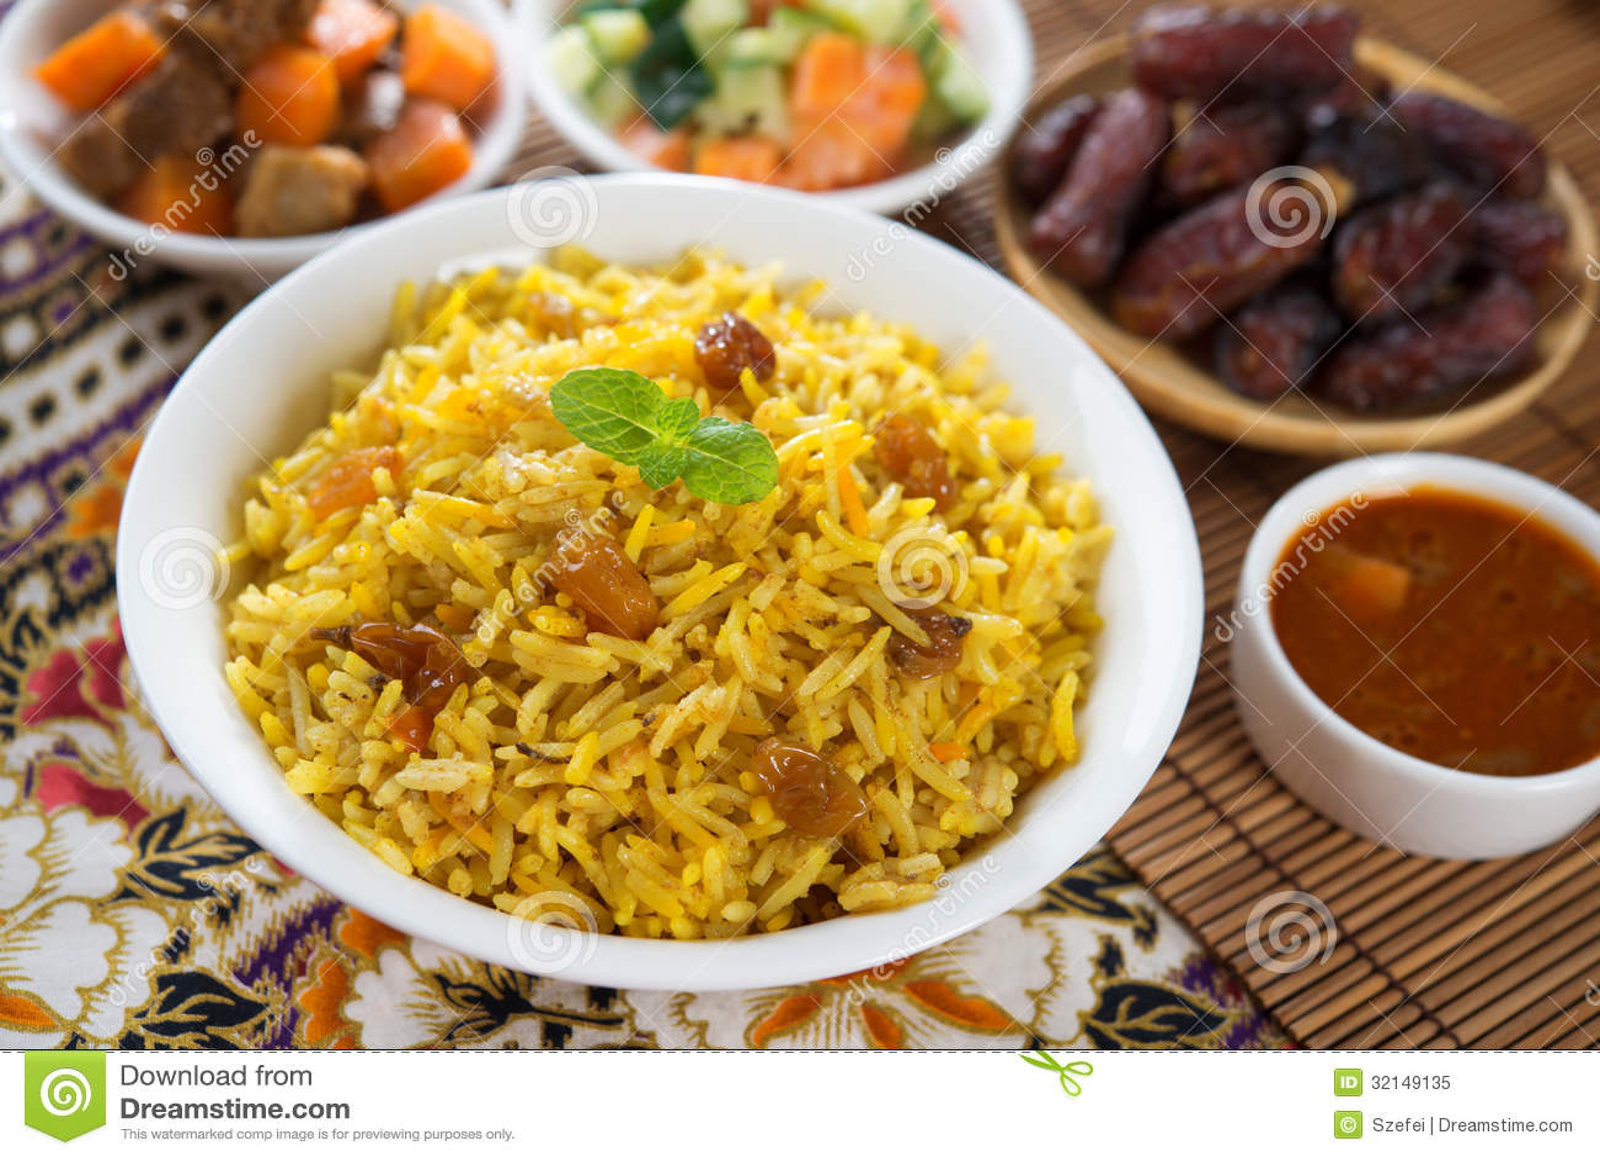 Arabscy ryż